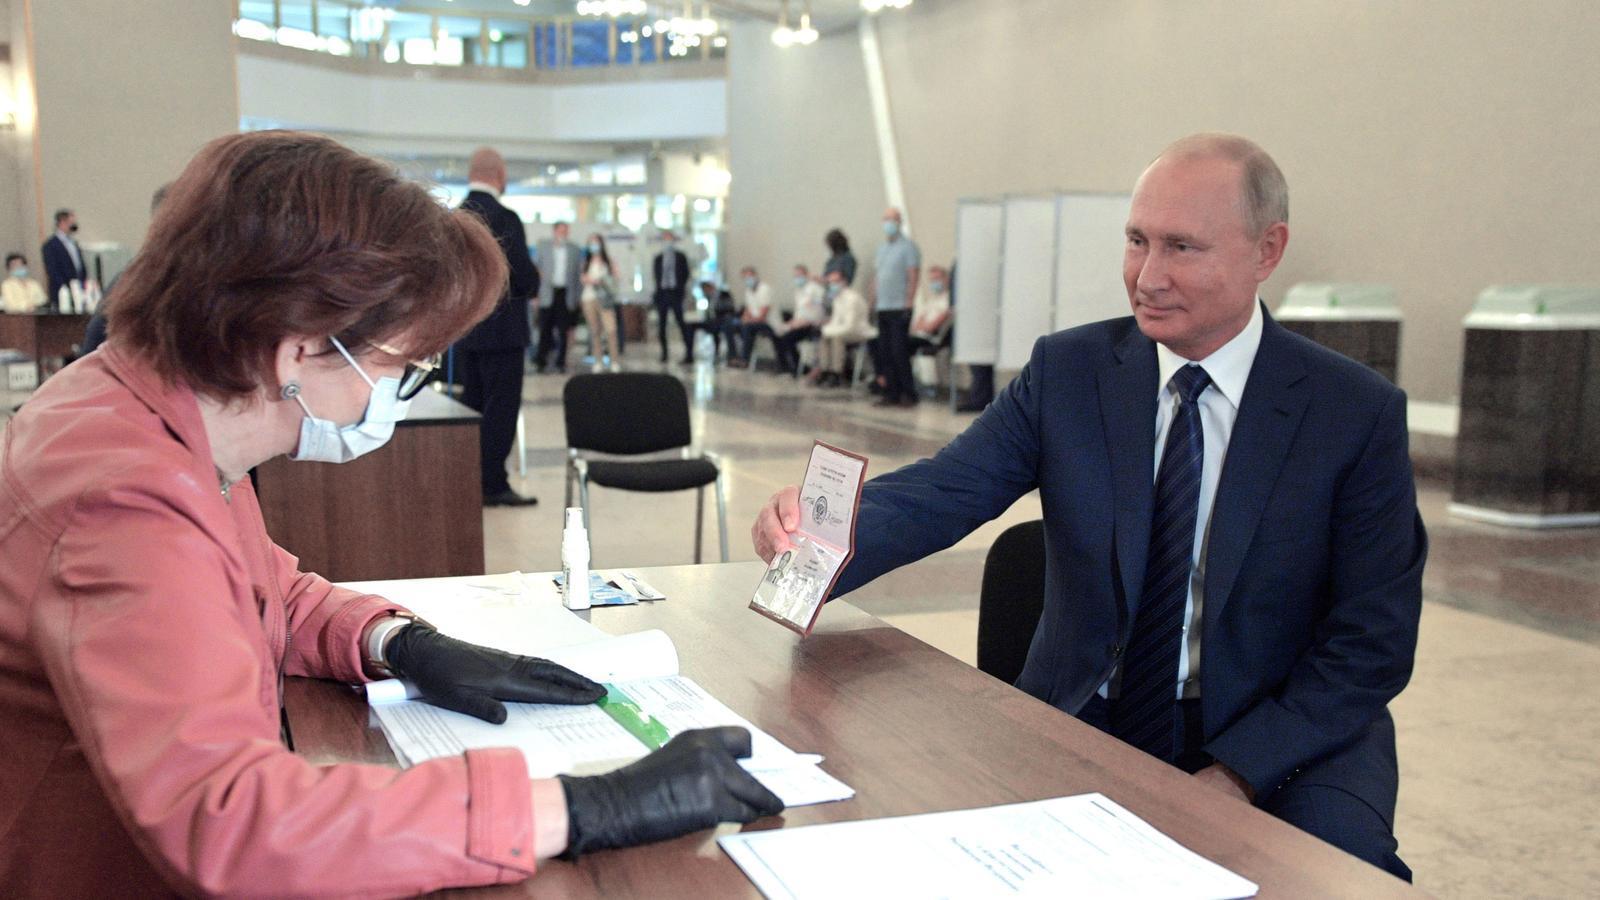 Els russos aproven la reforma de la Constitució de Putin